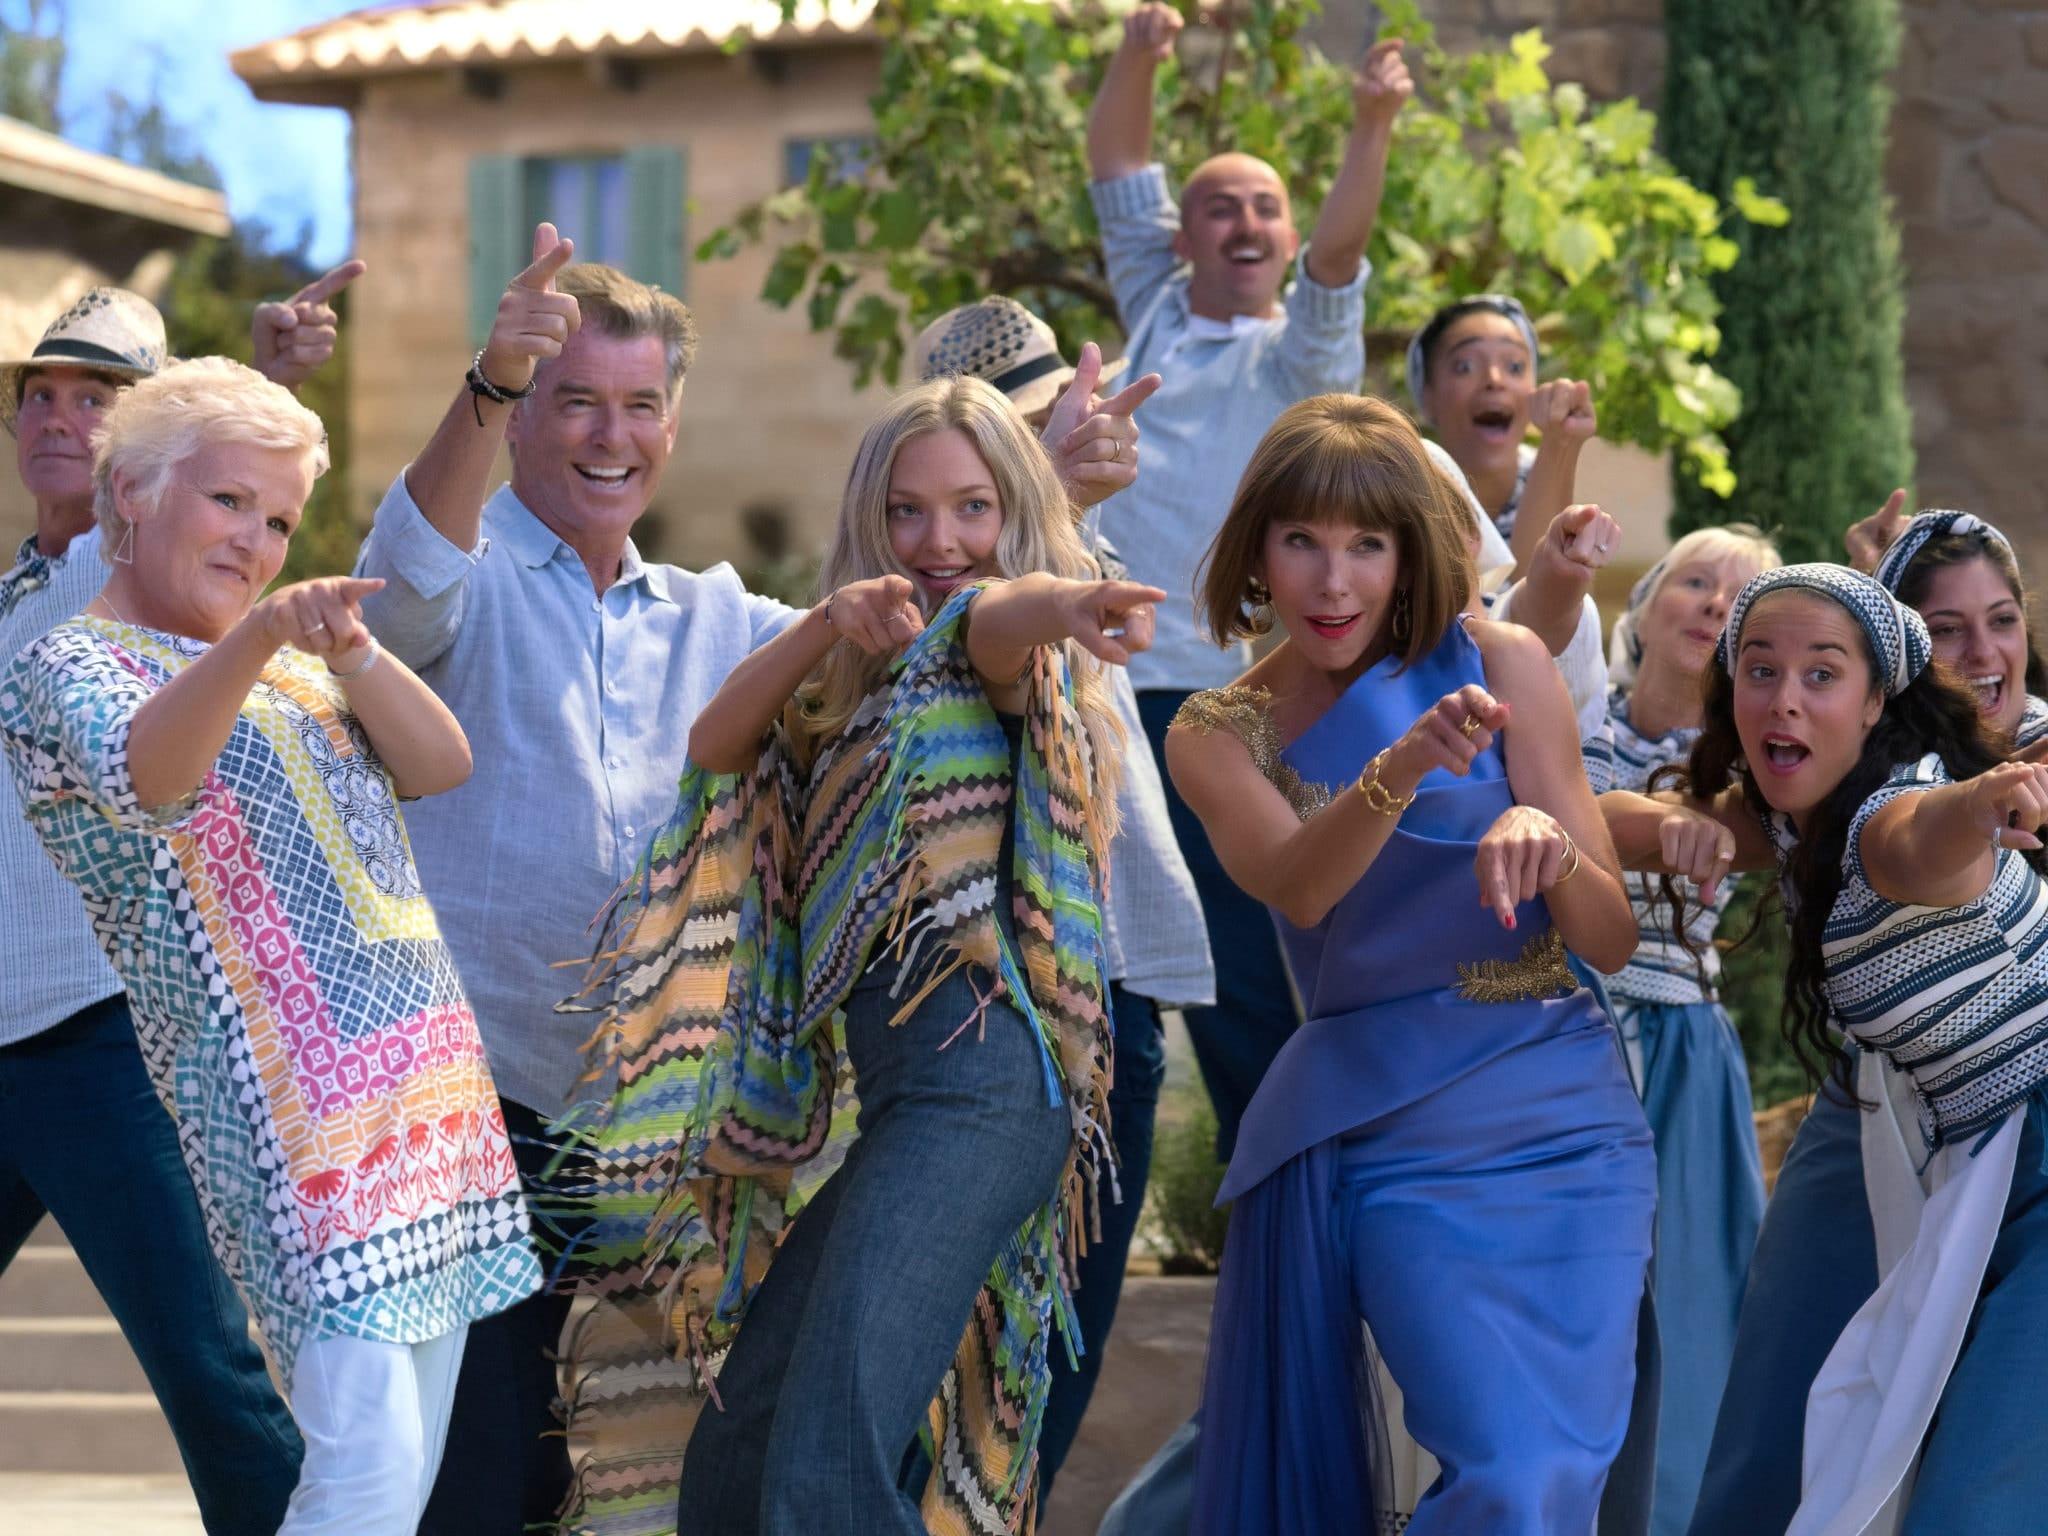 Mamma Mia ! Here we go again avris et critique du film Angel Eye chanté par Amanda Seyfried, Christine Baranski et Julie Walters